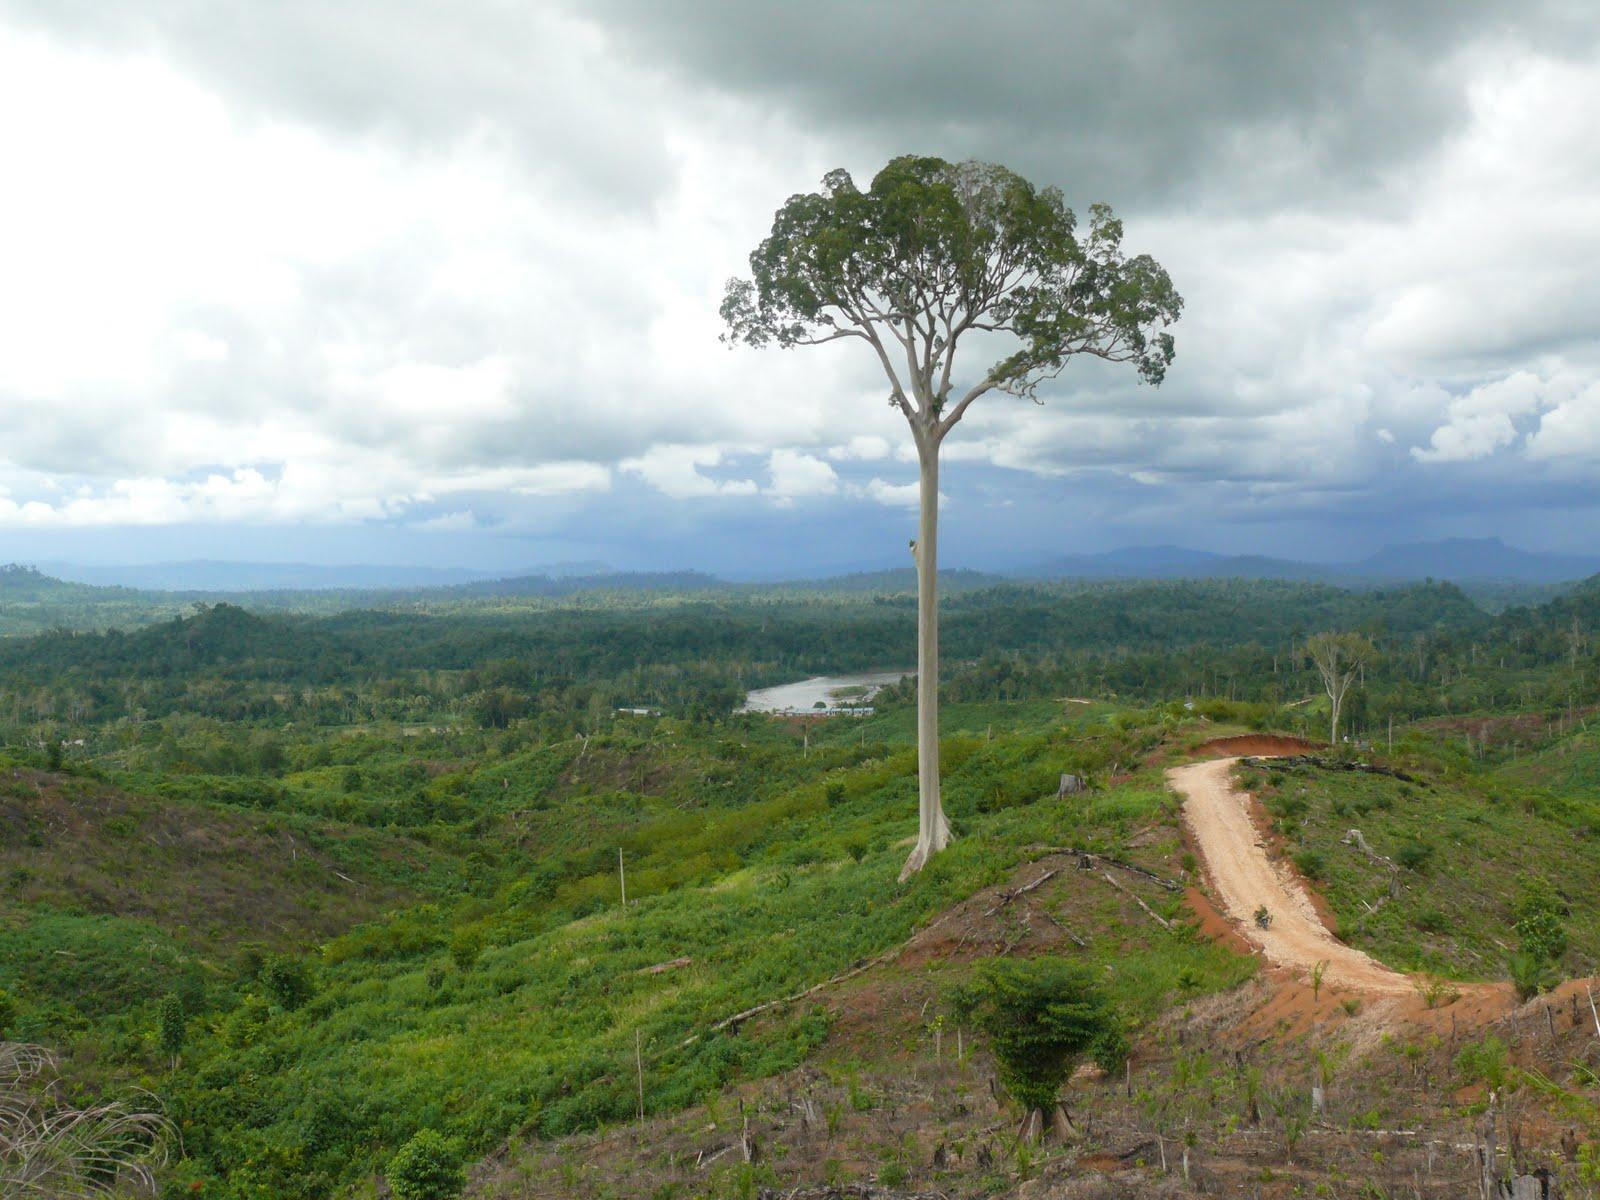 %name Tidak Diperlukan Investasi HTI Dalam Rehabilitasi Kawasan Hutana Oleh PT. Sumatera Sylva Lestari Sebab Tidak Menjalankan Amanah Menjaga Aset Negara DI Bumi Padanglawas Sumut